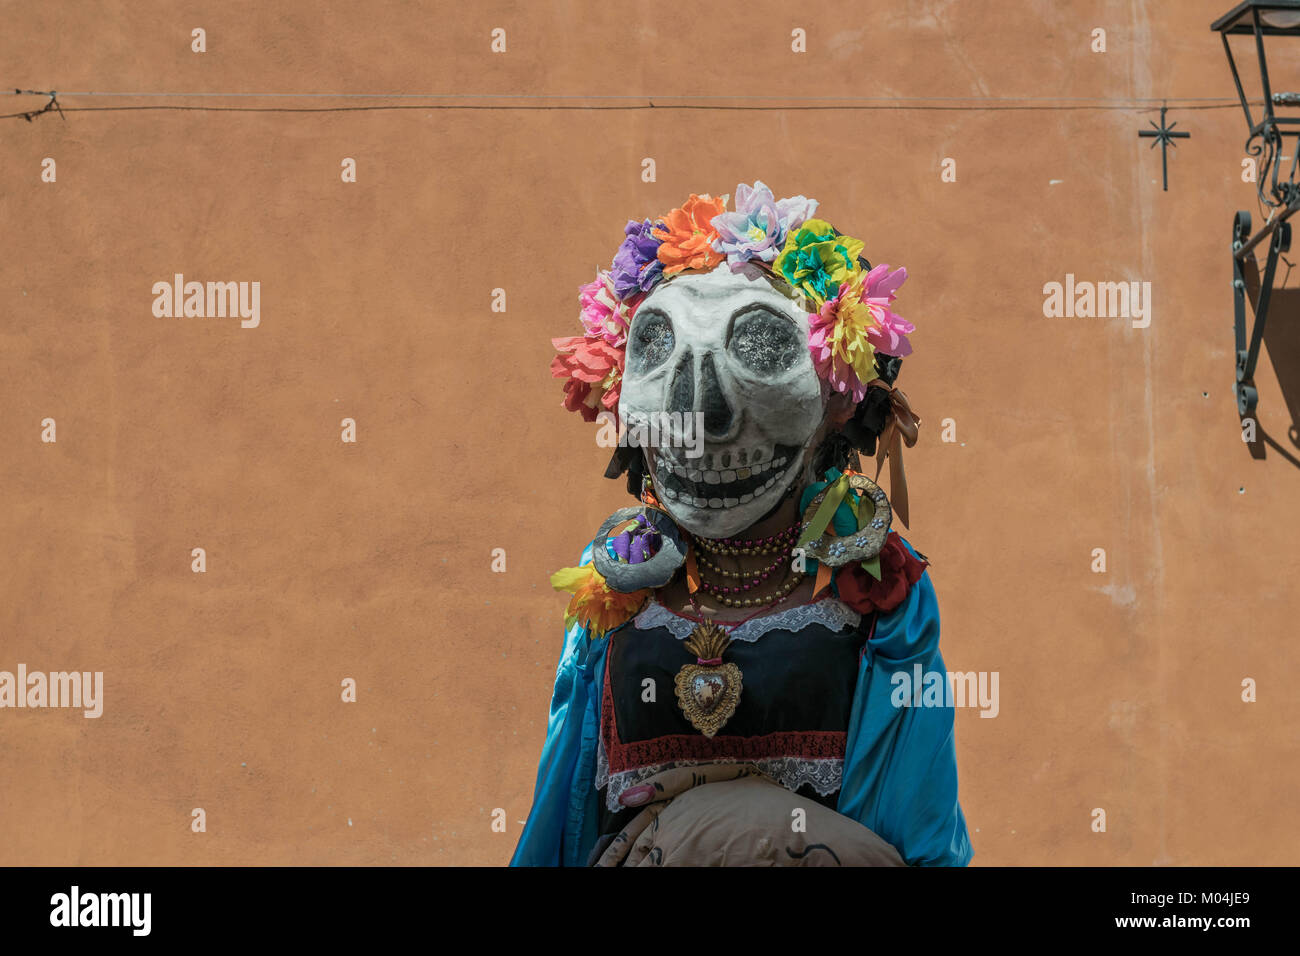 Colorido Día de Muertos Catrina traje, con una cabeza de gran tamaño, esqueleto máscara, y una gran Imagen De Stock